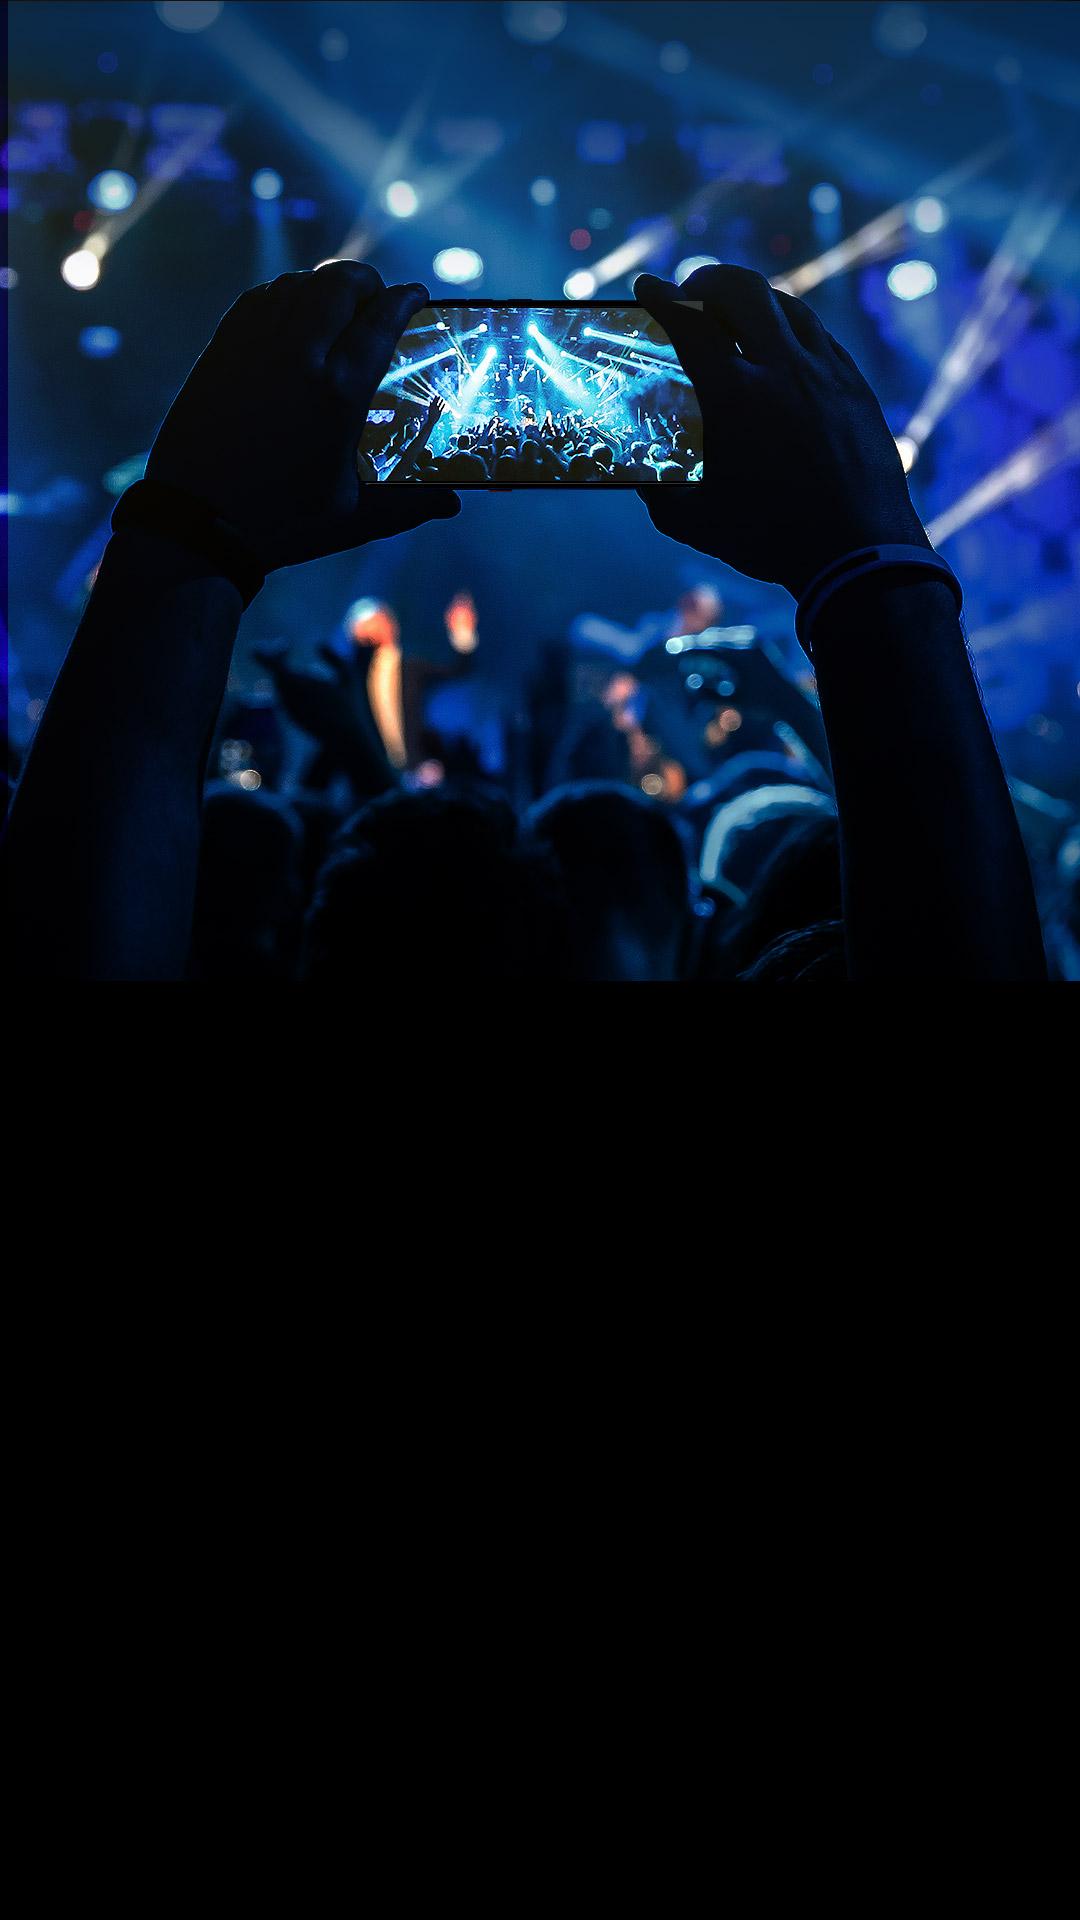 Продажа смартфонов TECNO Pouvoir 4 3/32Gb Cosmic Shine в Донецке по самой выгодной цене в ДНР